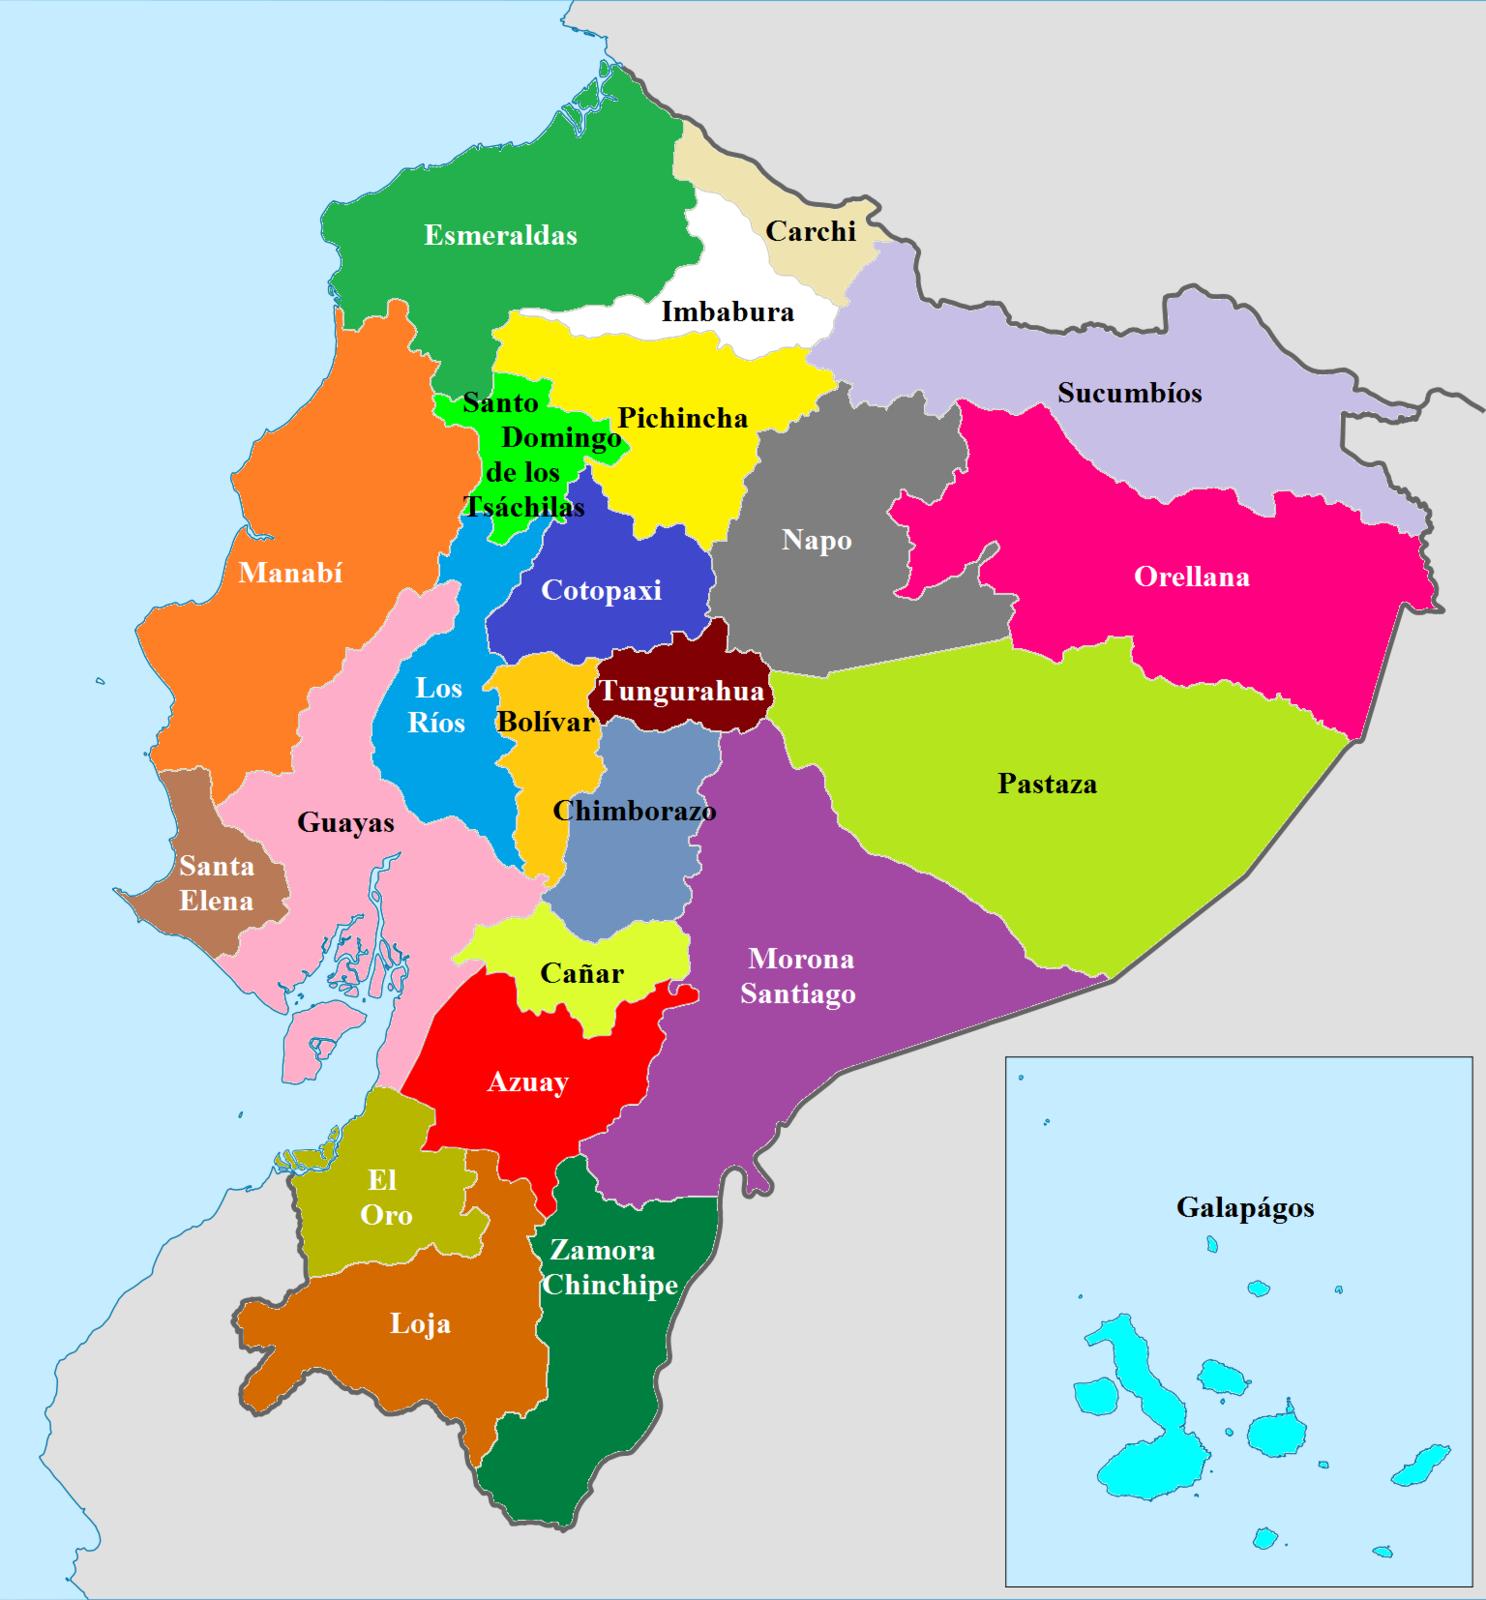 BANÕS // LES BAINS VIRGEN // LA CORDILLÈRE DES ANDES // LA ROUTE DES CASCADES //  LE VOLCAN TUNGURAHUA // GROUPES  ETHNIQUES // LA COCA //